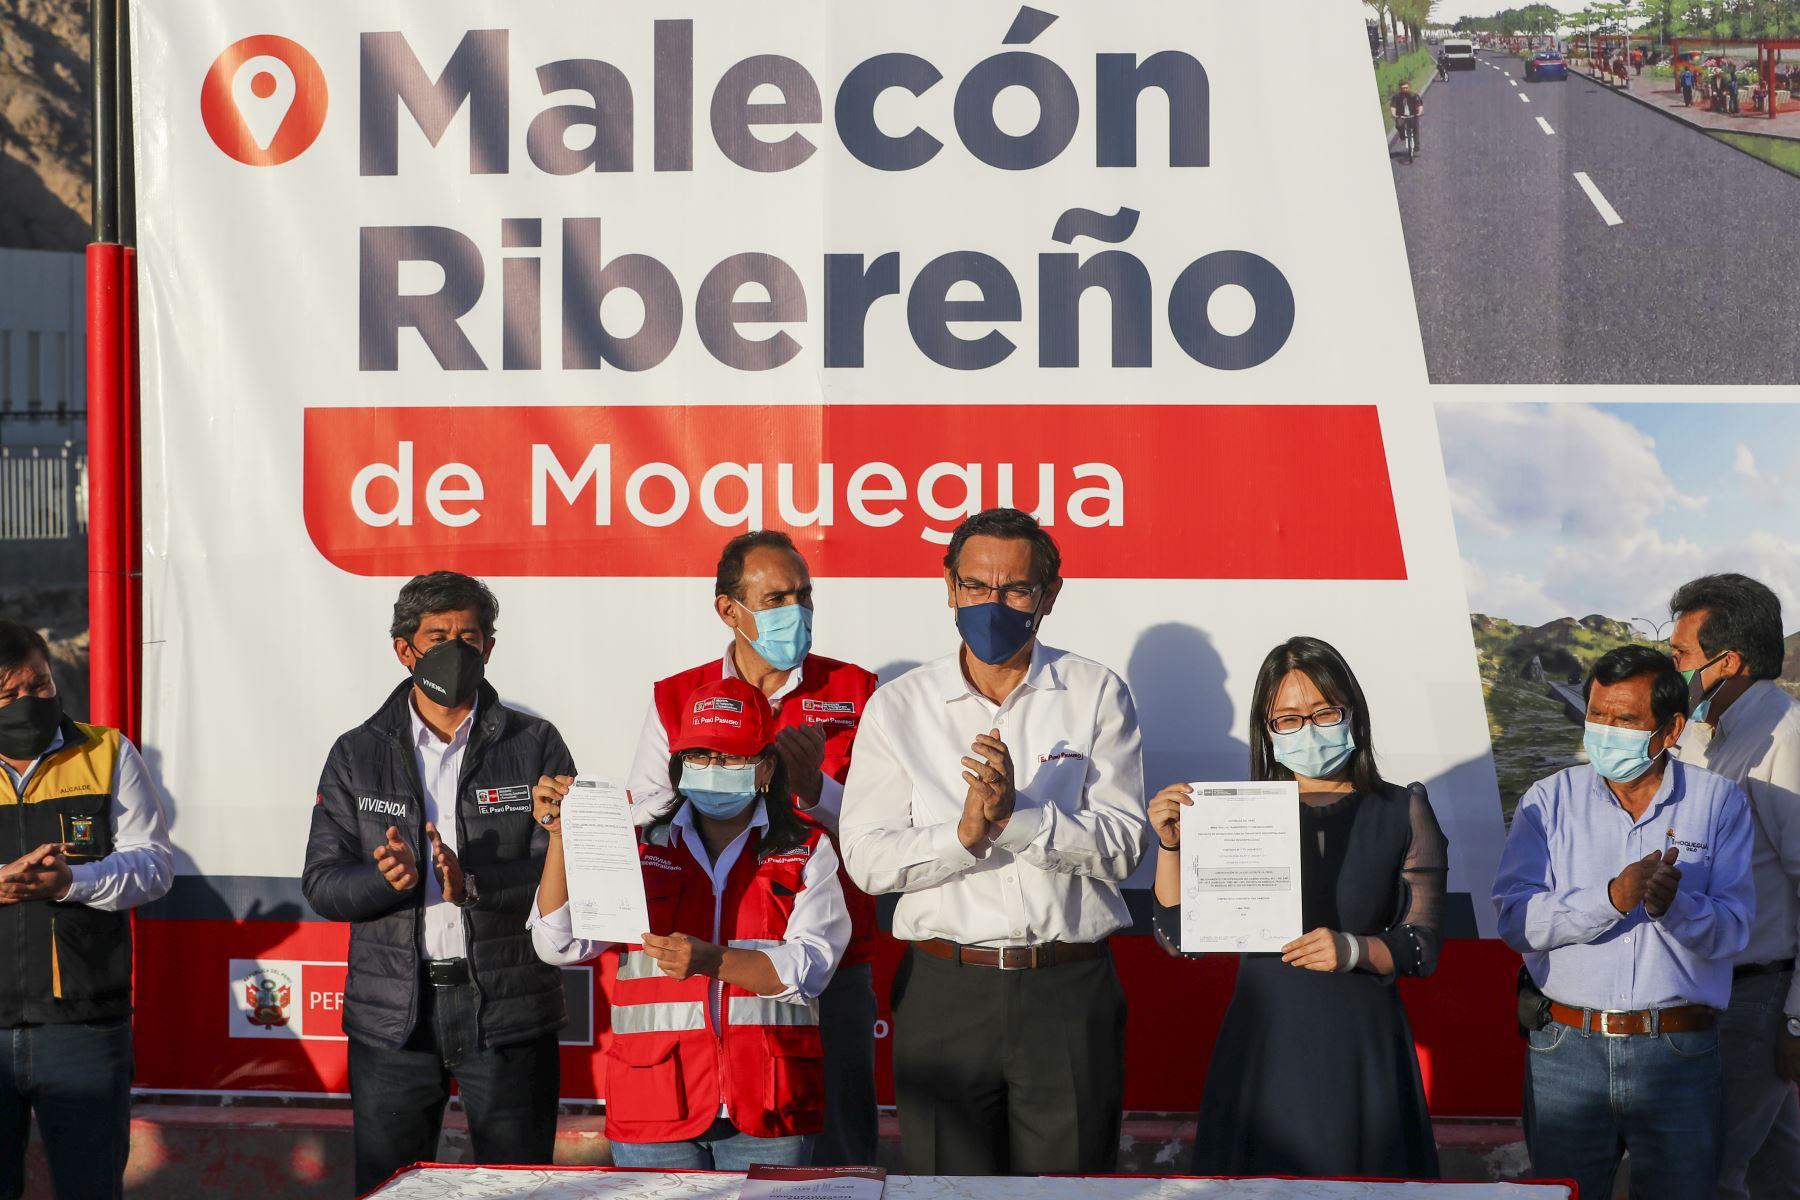 En compañía de los ministros de Estado, el presidente Vizcarra  presenció la firma del contrato para la ejecución del malecón ribereño de Moquegua. Foto: ANDINA/Prensa Presidencia